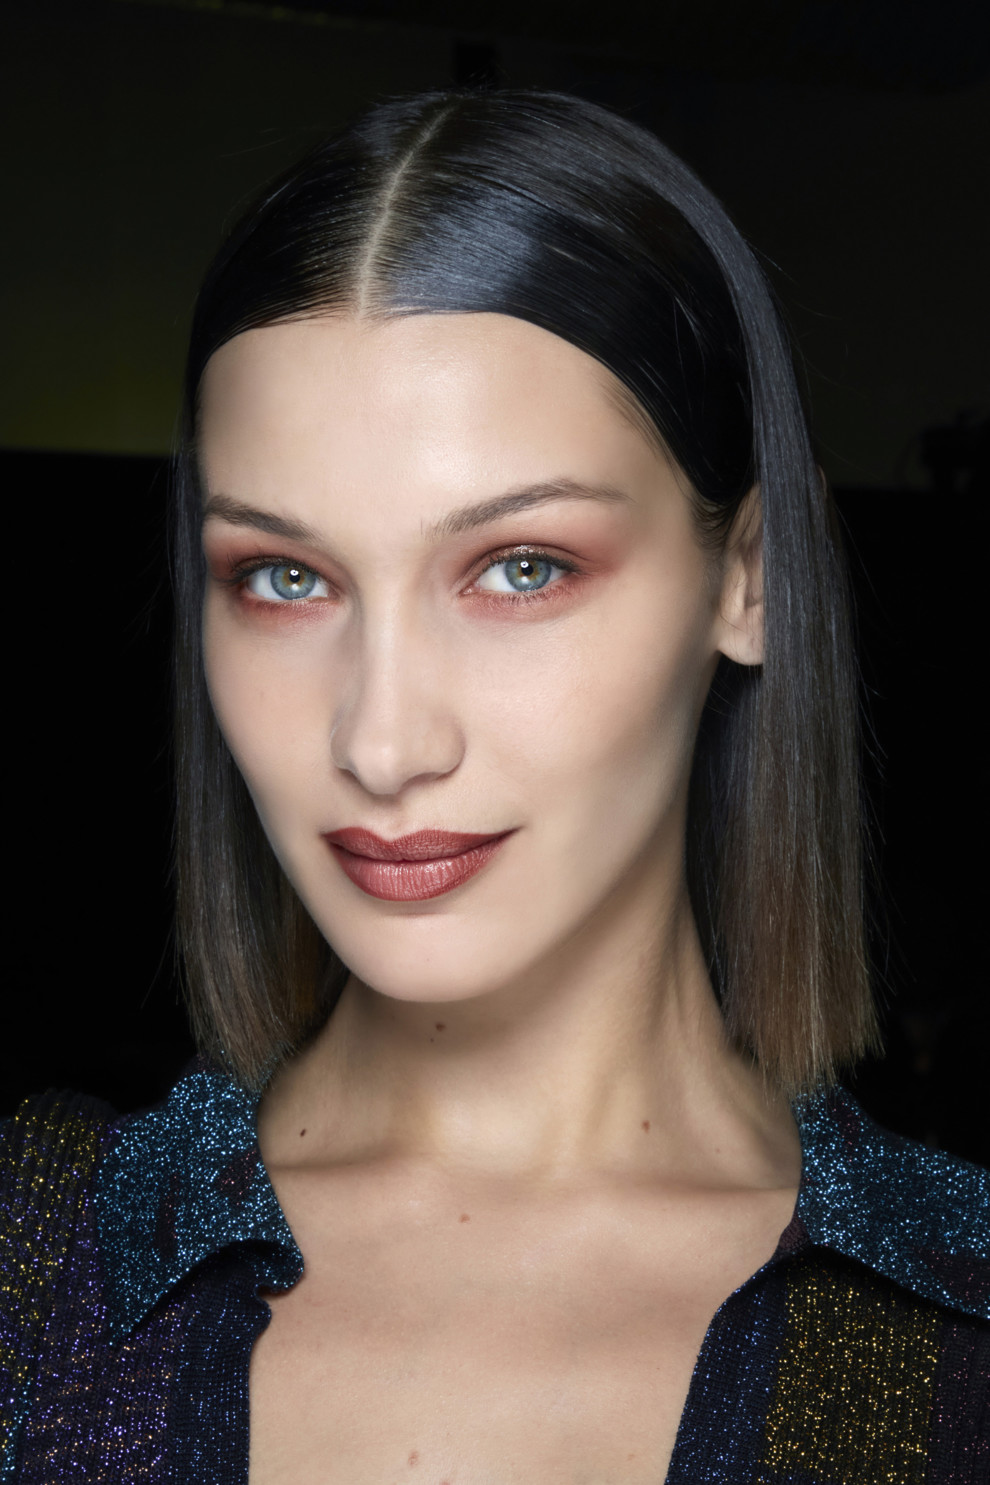 Время сиять: 5 идей для новогоднего макияжа — фото 2